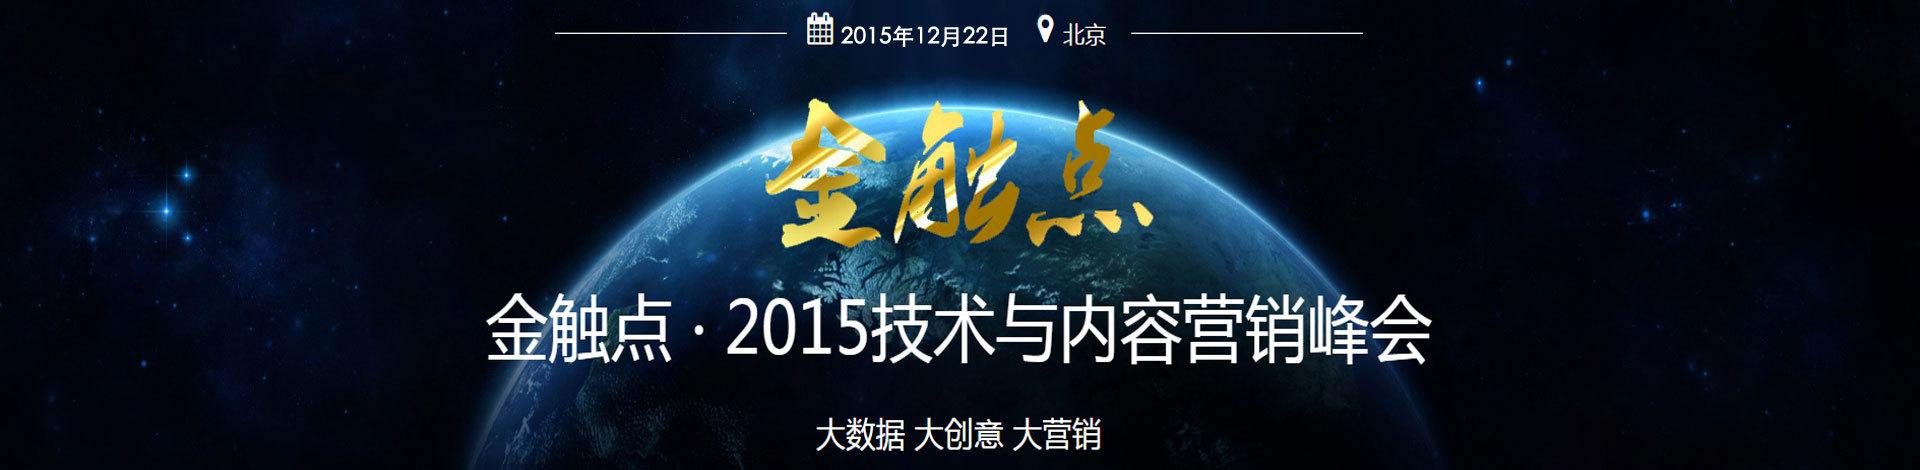 金触点·2015技术与创意营销峰会